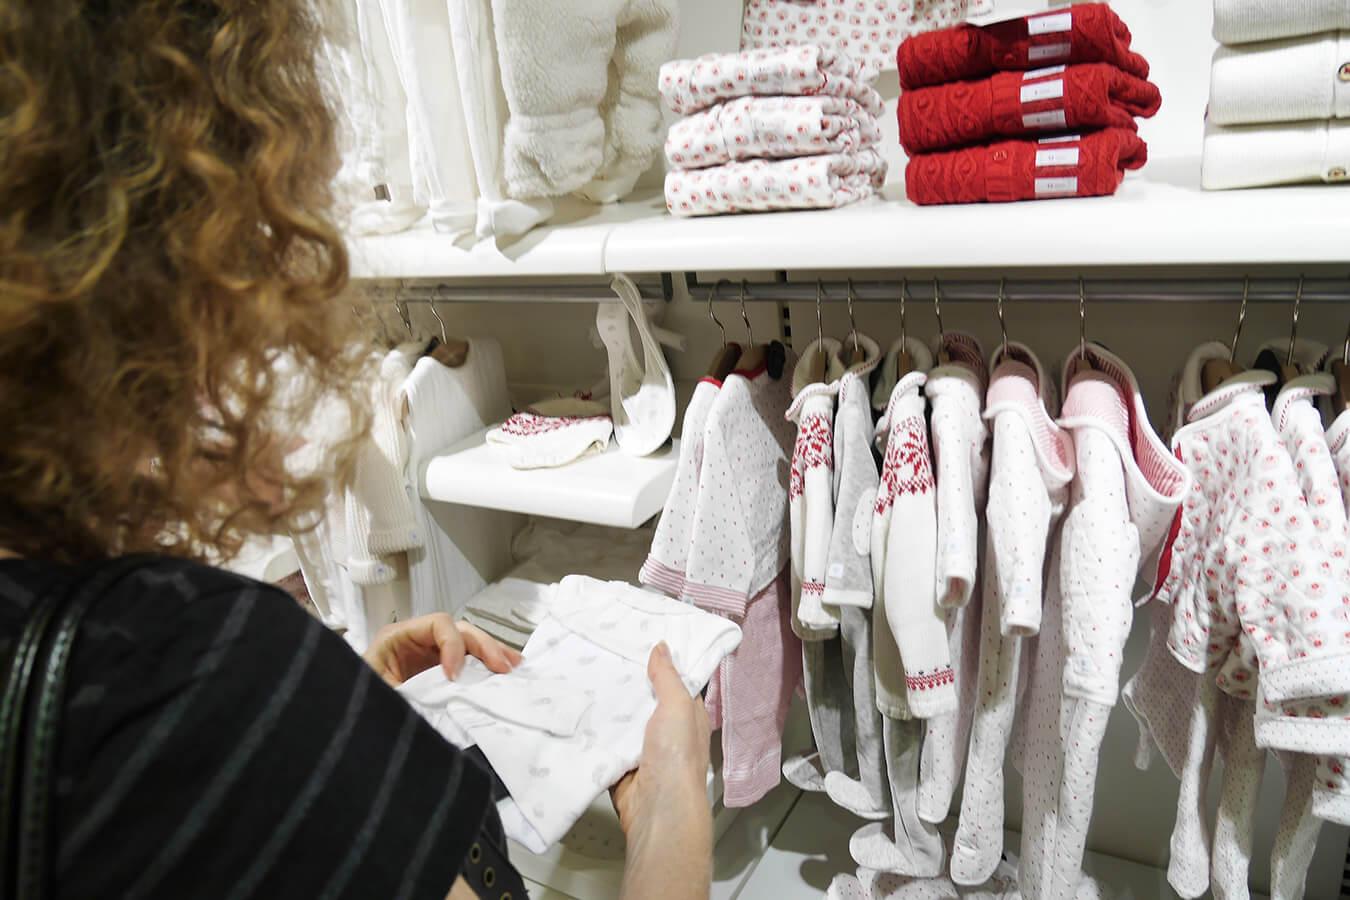 Rozmiary niemowlęce i dziecięce: 56, 62, 68… Jak dobrać rozmiar ubranek?